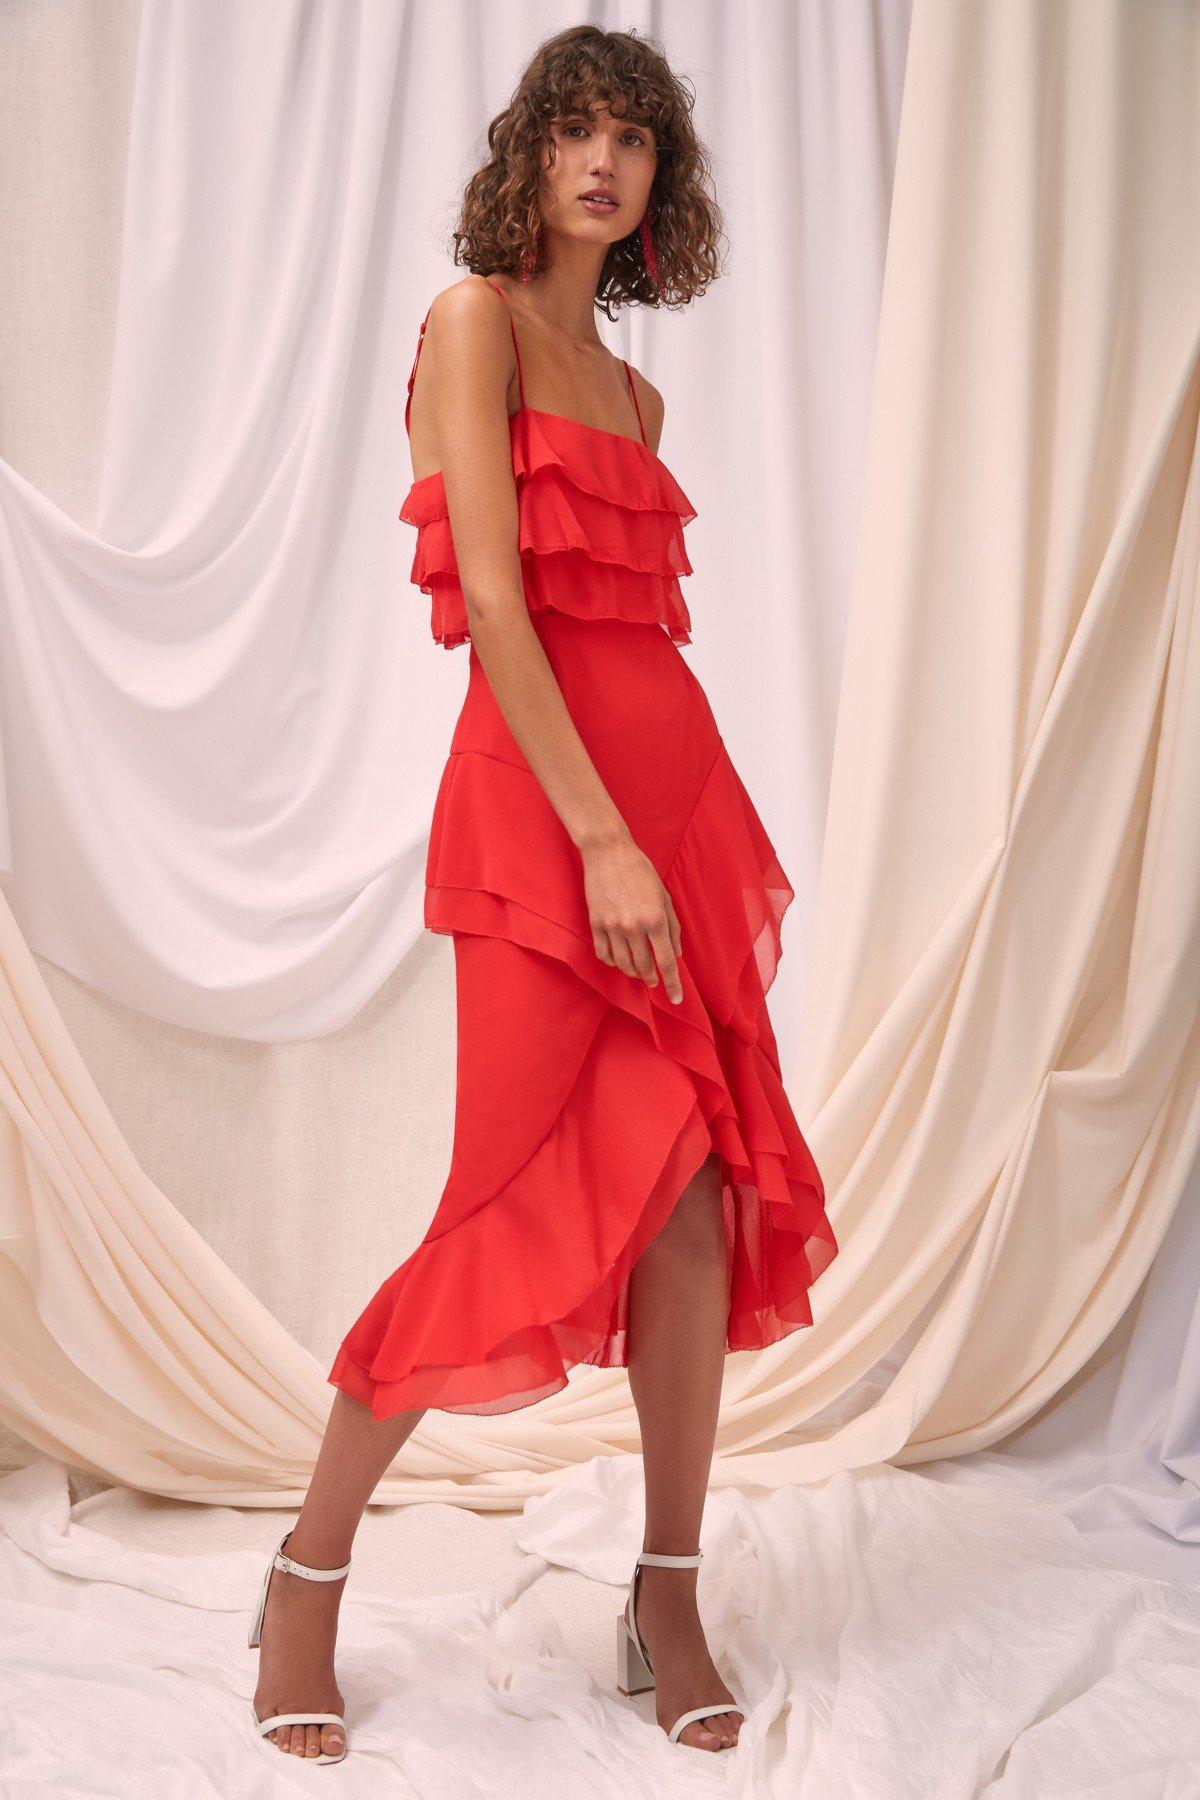 Shop  C/MEO Elude Top  +  Elude Skirt .